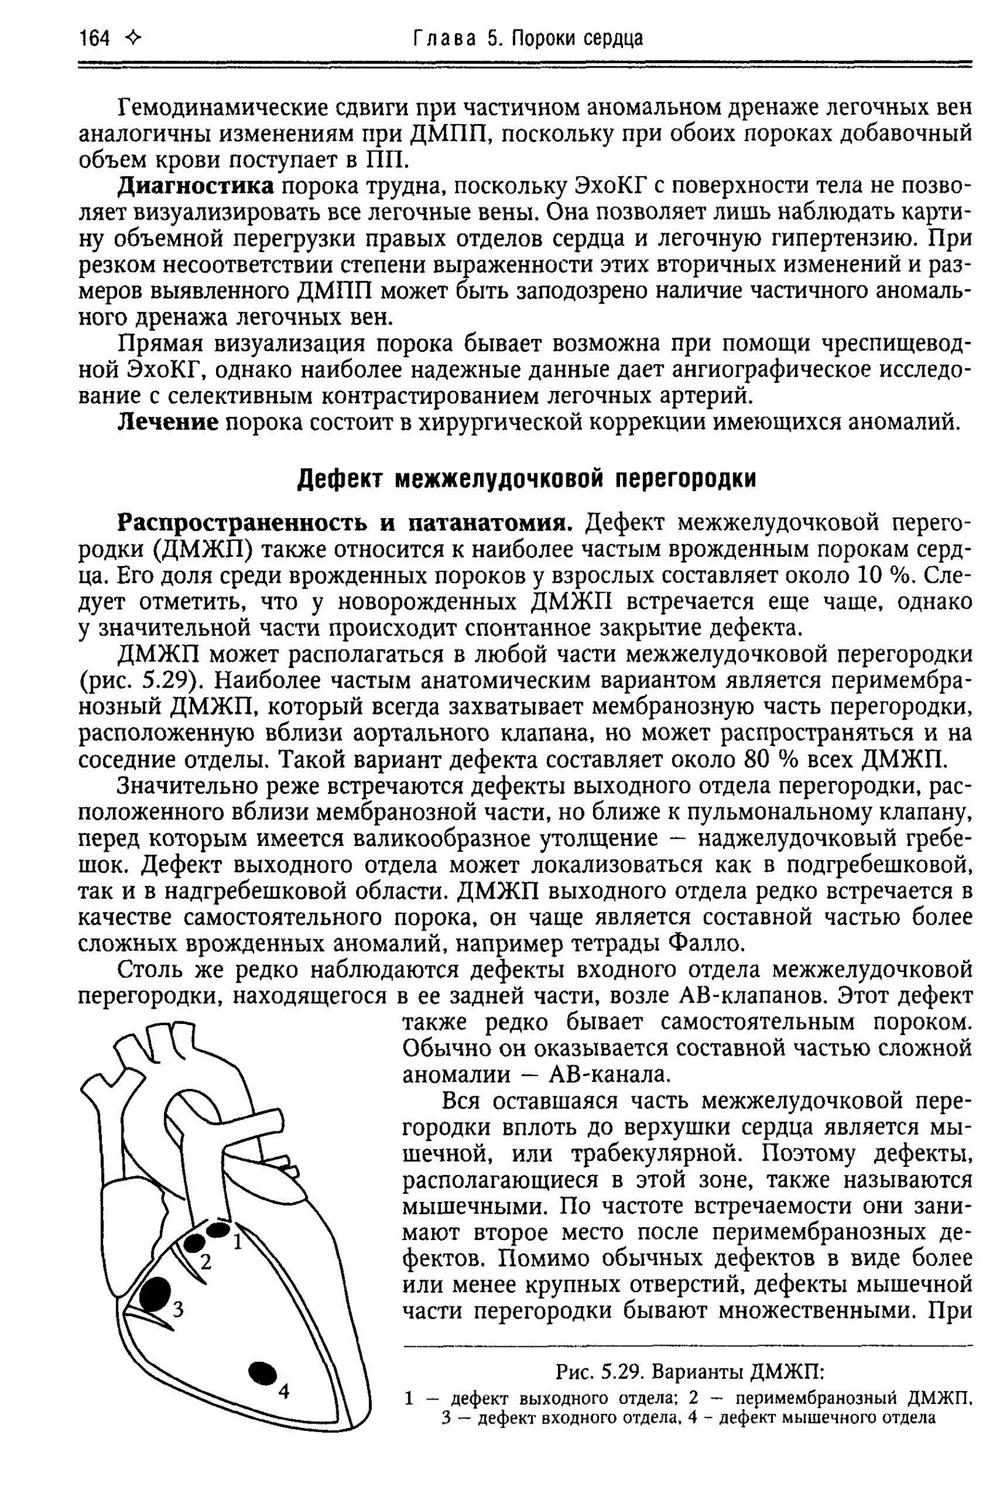 http://ipic.su/img/img7/fs/KardiologiyaPerepechat2_165.1591530494.jpg